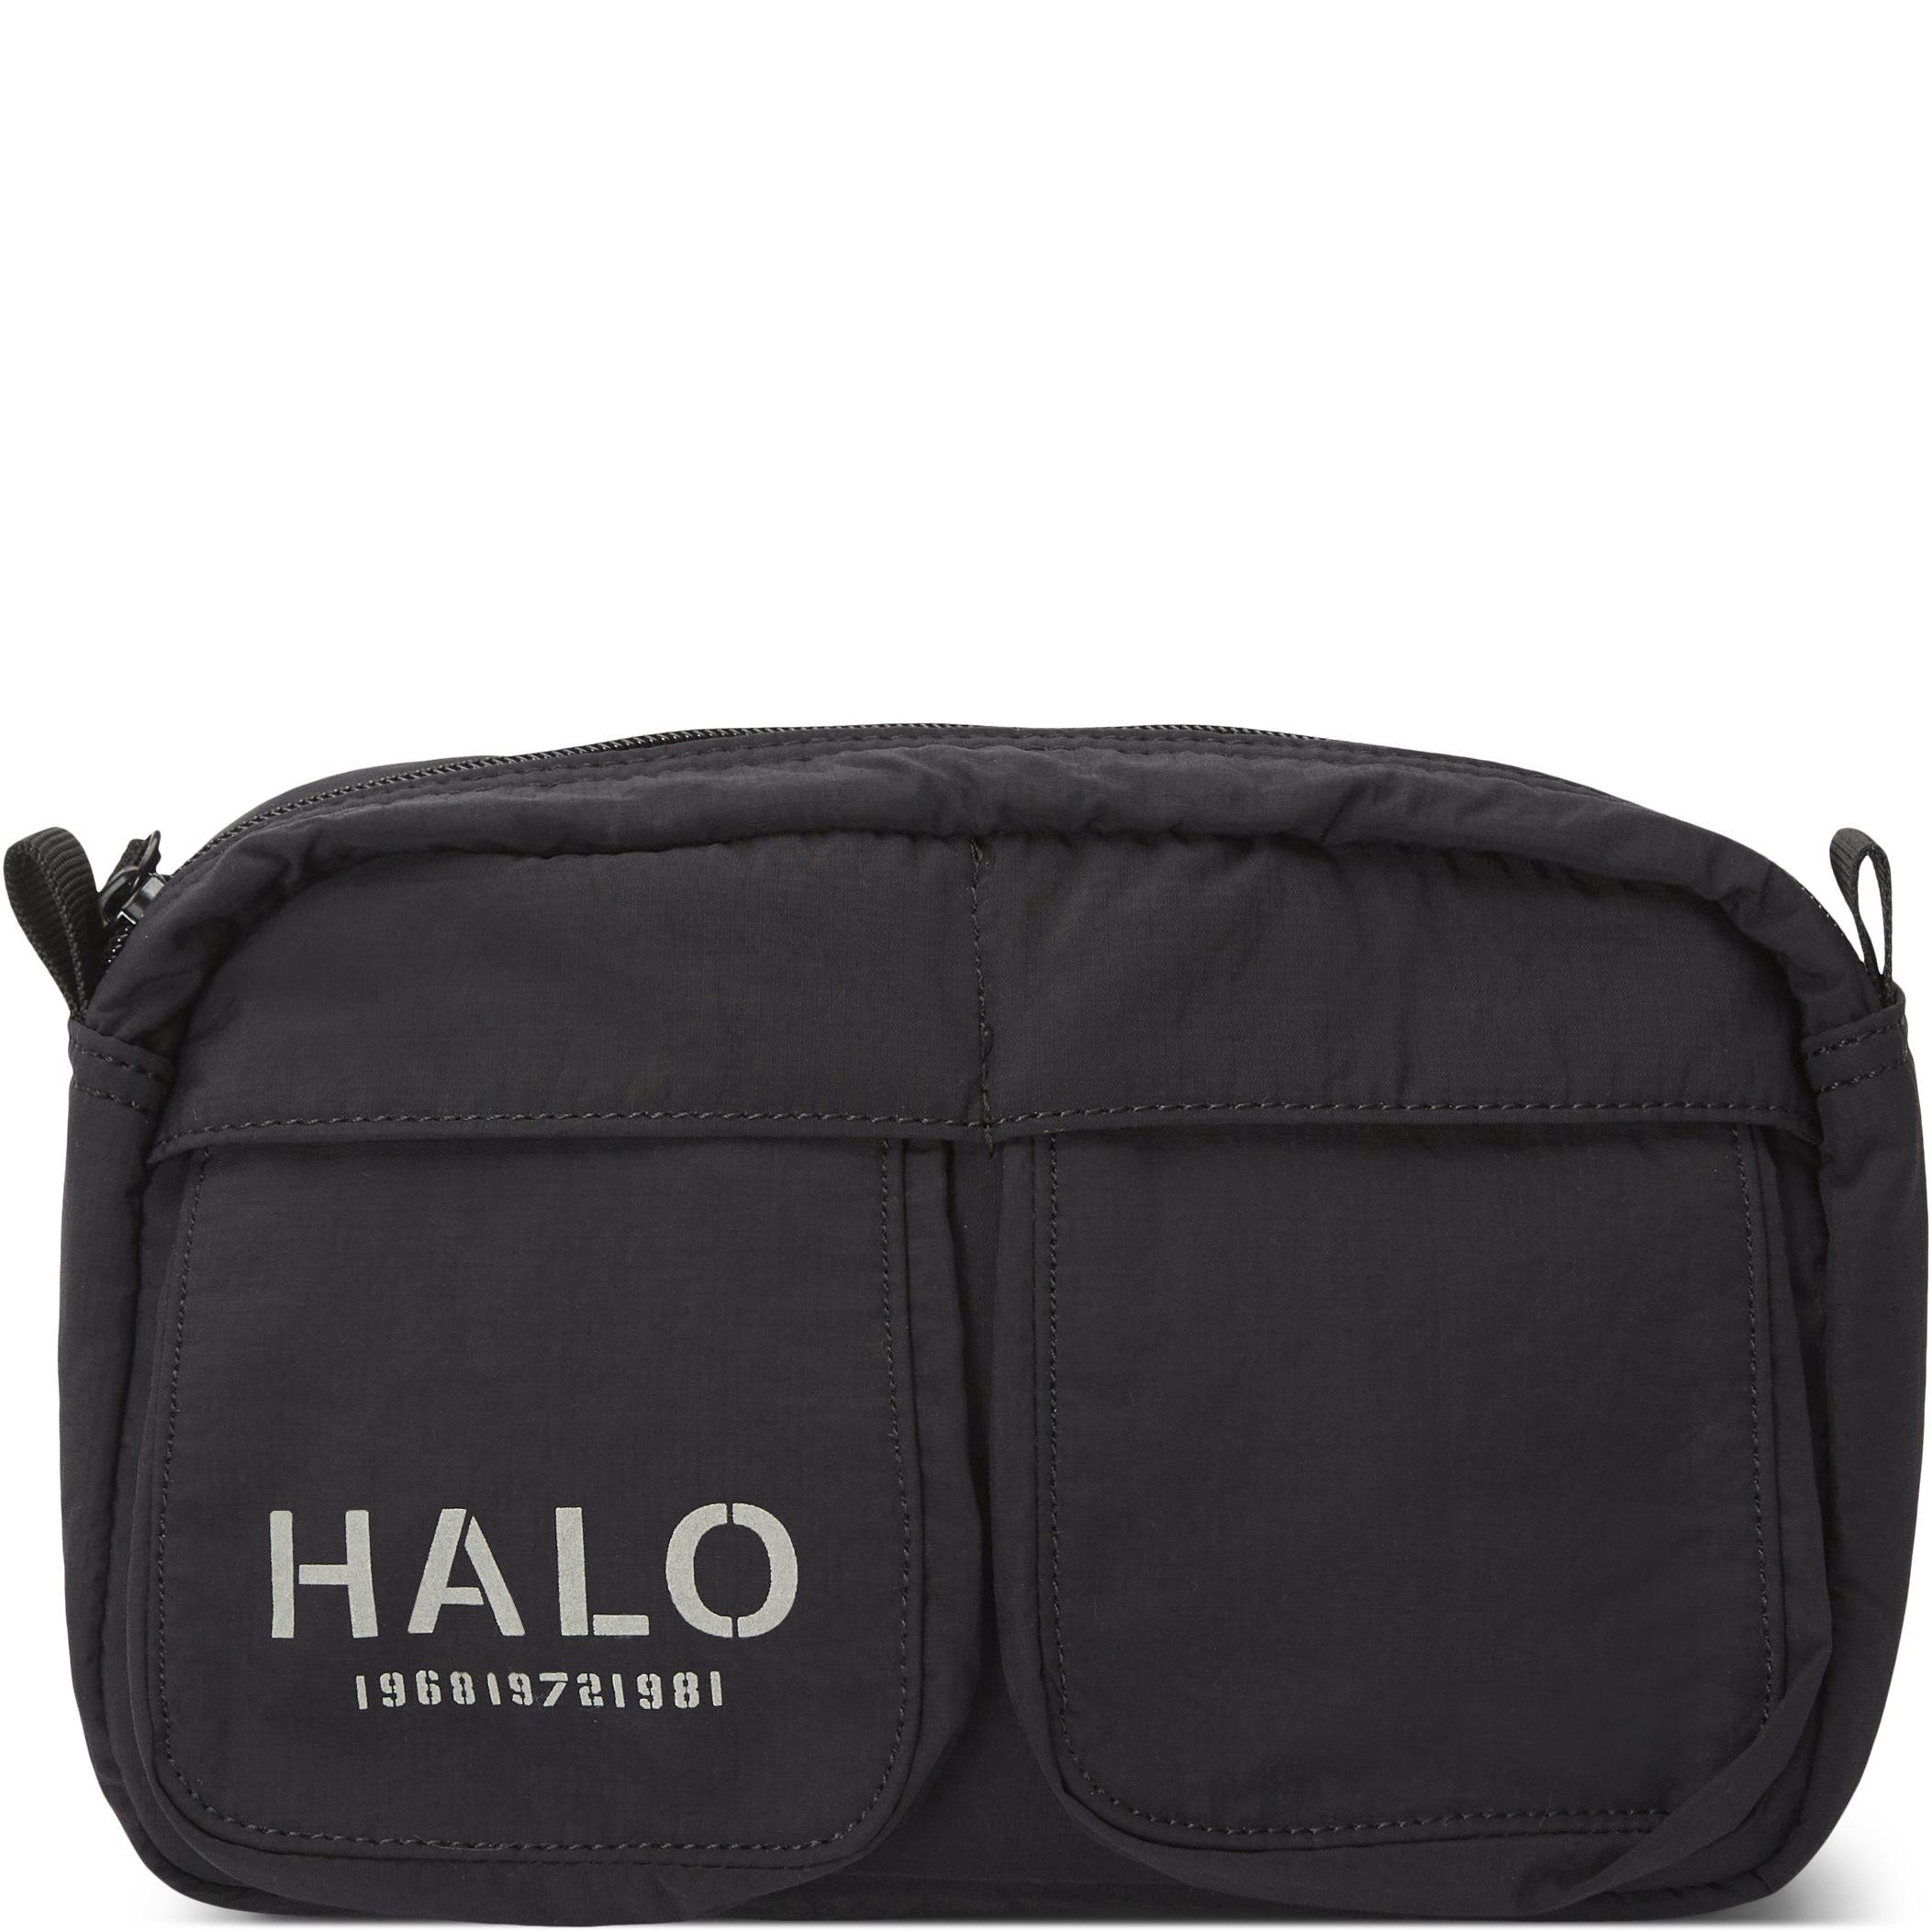 Nylon Waist Bag - Väskor - Svart